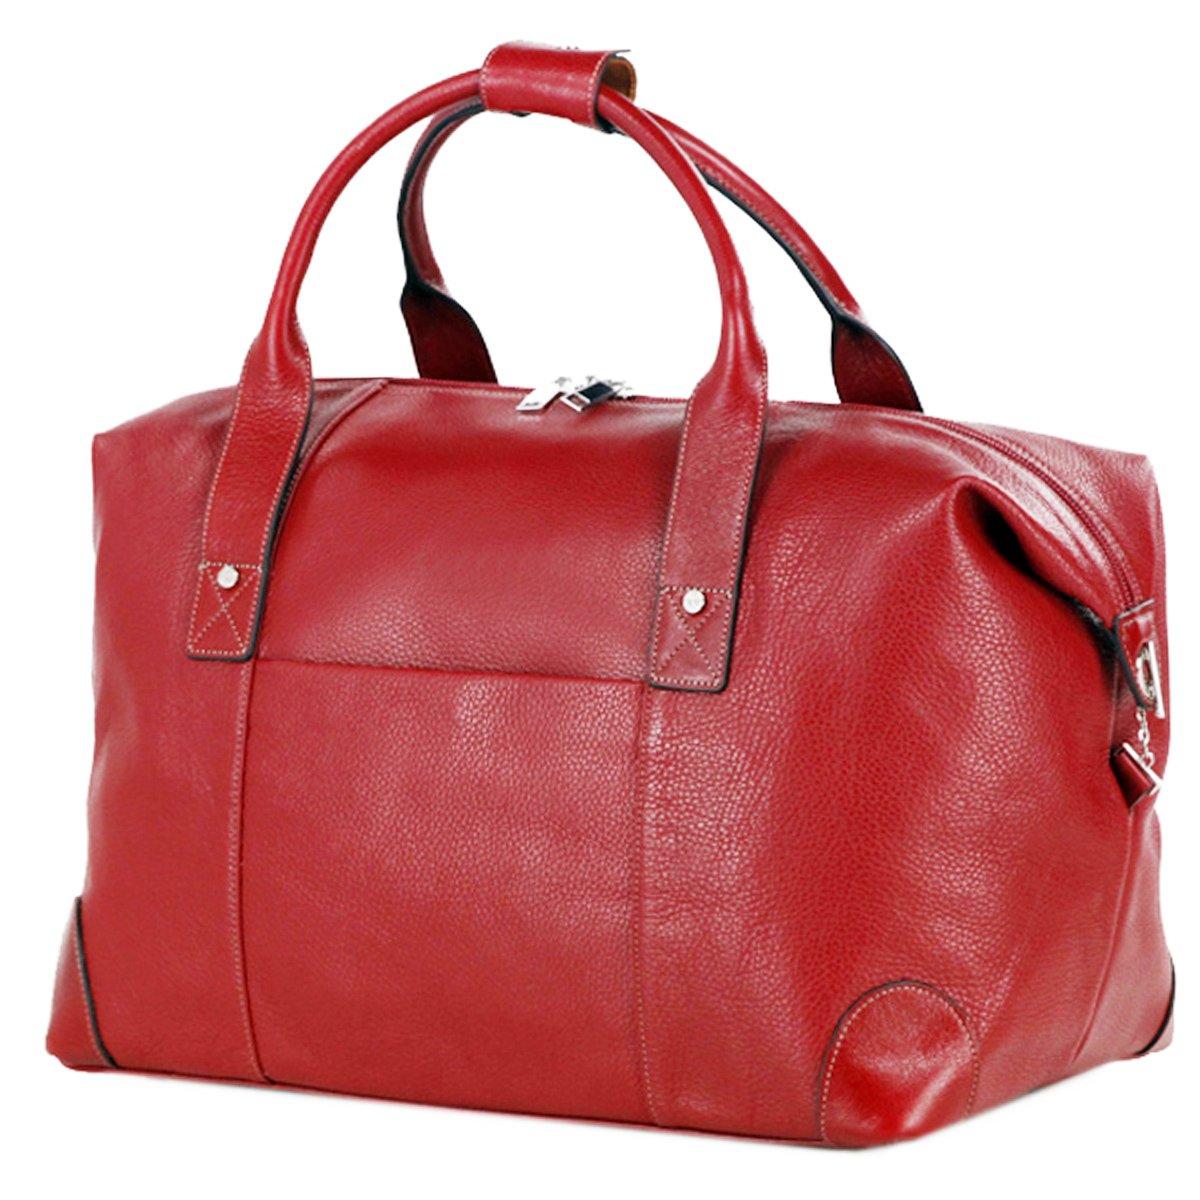 LIVAN® - sac de voyage travel - 60 X 36 X 25cm - Porté épaule, avant-bras ou bandoulière - 100% cuir de vachette neuf (NOIR)